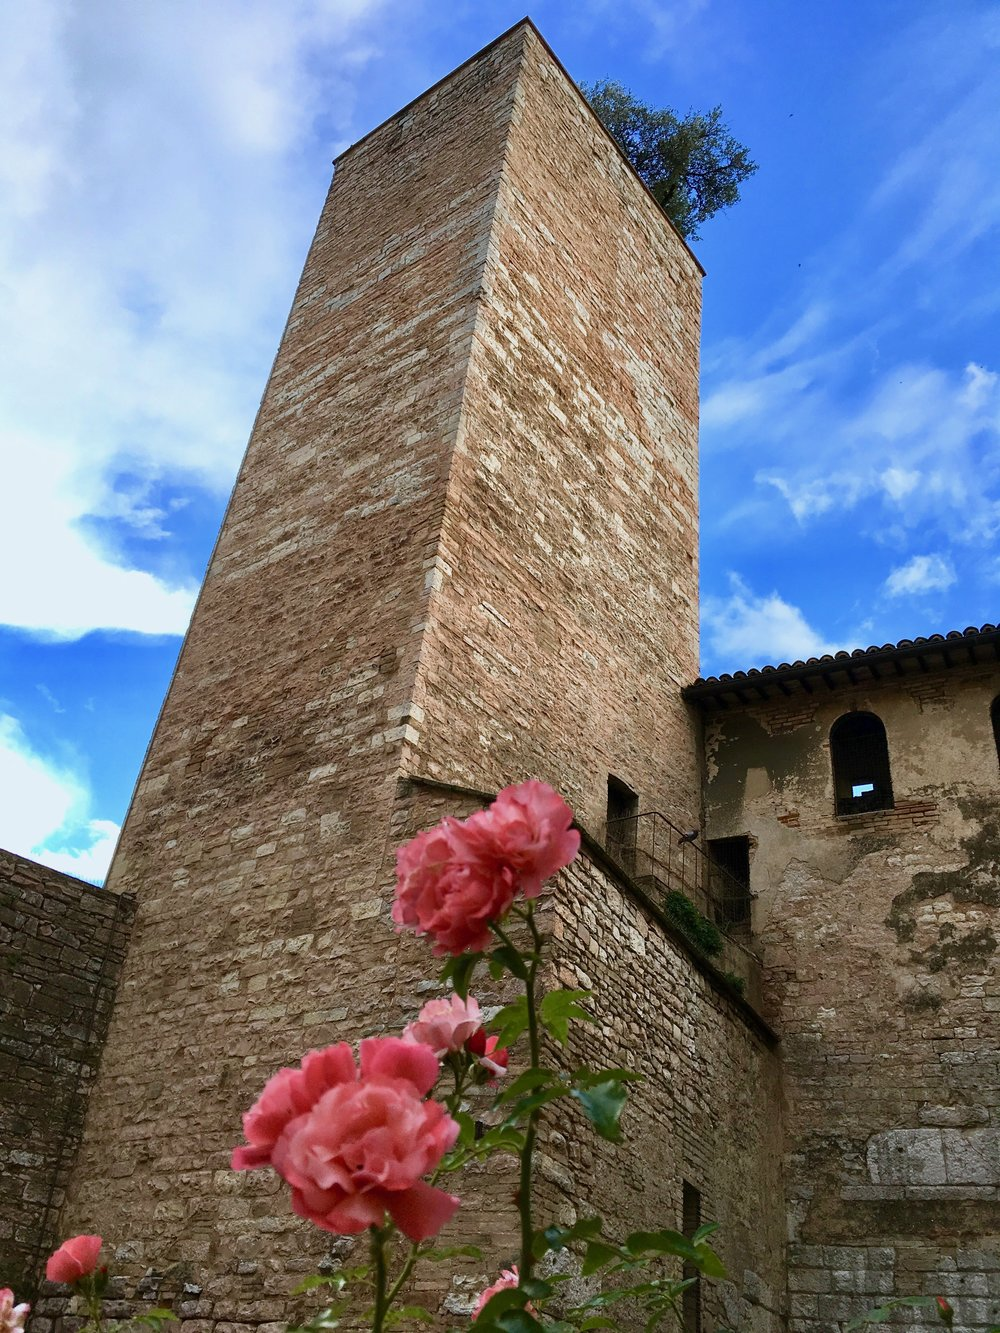 Spello's tower